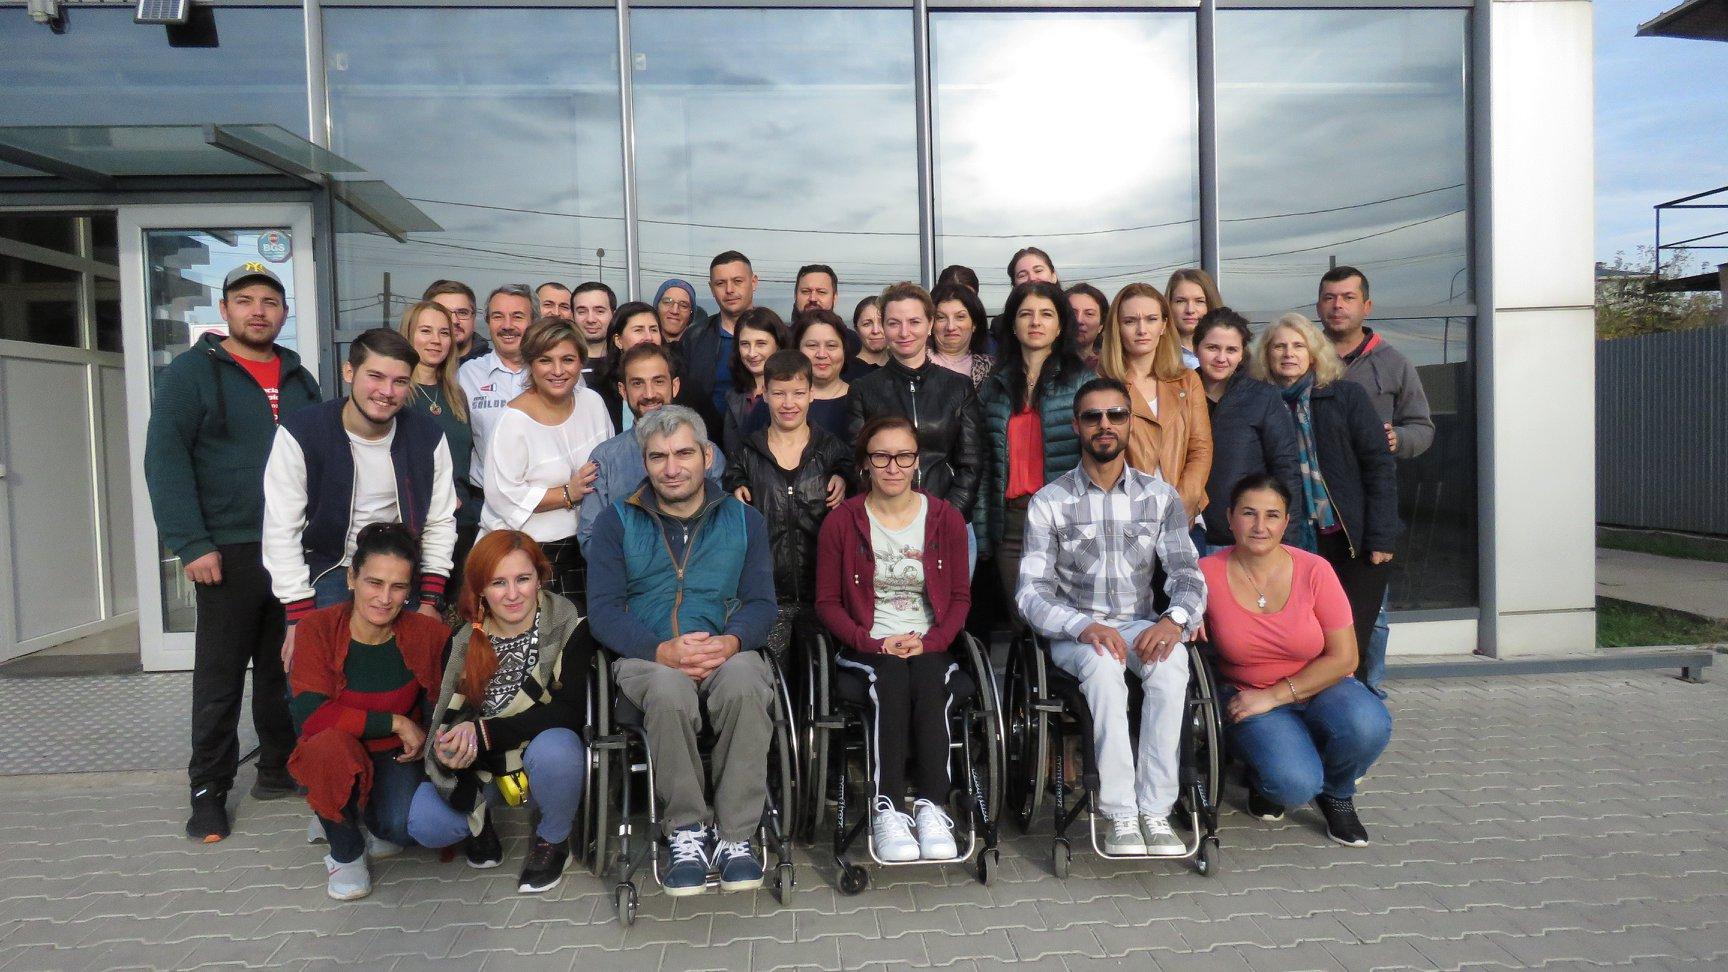 Echipa din Palatul de Cristal Sunt colegii noștri care lucrează la unul din depozitele Fundației Motivation, unde sunt recondiționate și adaptate echipamentele de mobilitate. De aici, pleacă spre copiii și adulții care intră în contact cu noi, din țară, scaune rulante potrivite. În Palatul de Cristal și prietenii noștri de la Special Olympics din România. Ei organizează evenimente sportive pentru tineri cu dizabilități intelectuale.